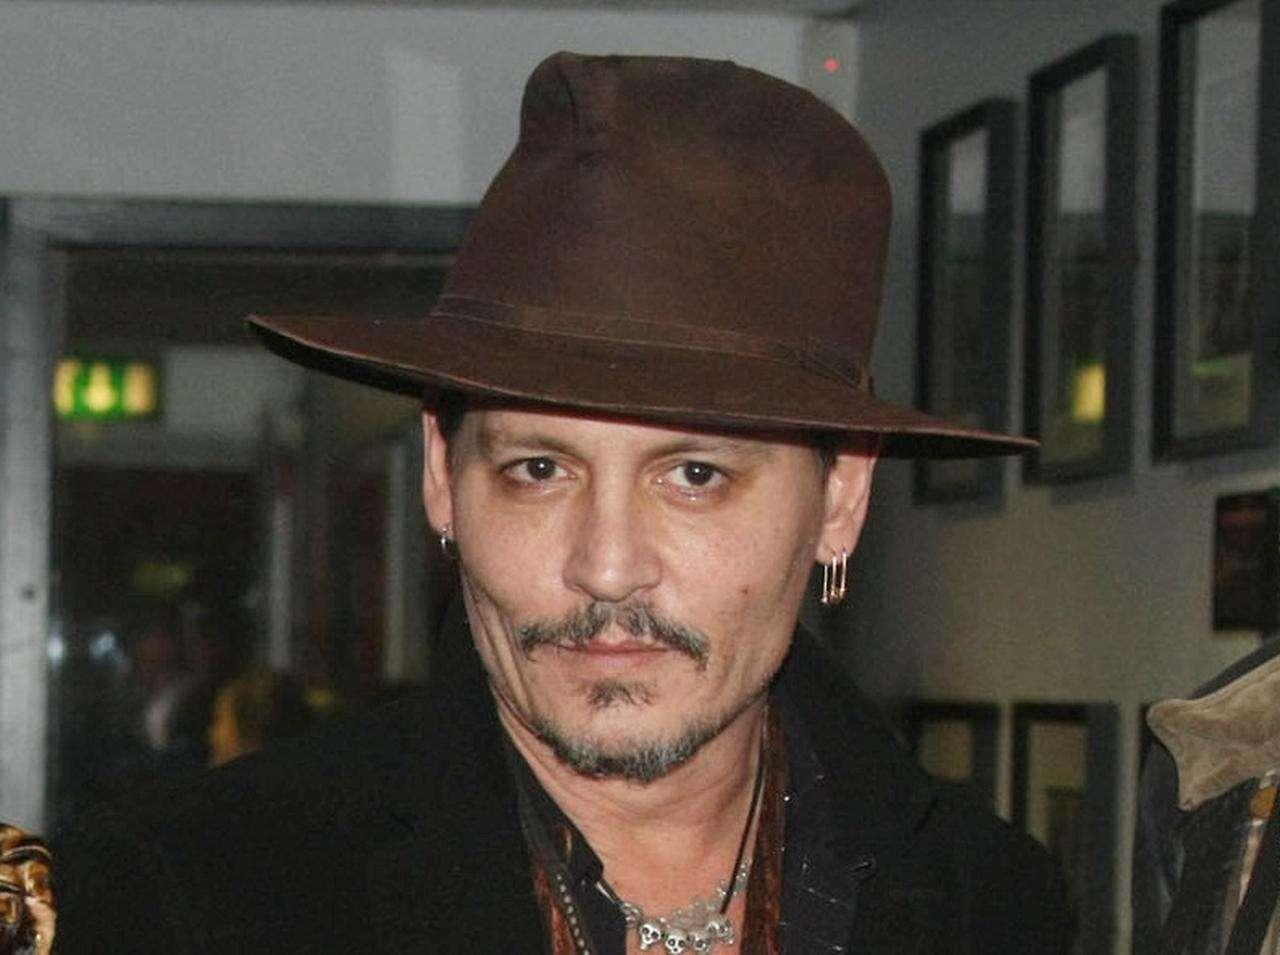 ジョニー・デップ、撮影現場での「一触即発」報道に監督が声明発表 - FRONTROW